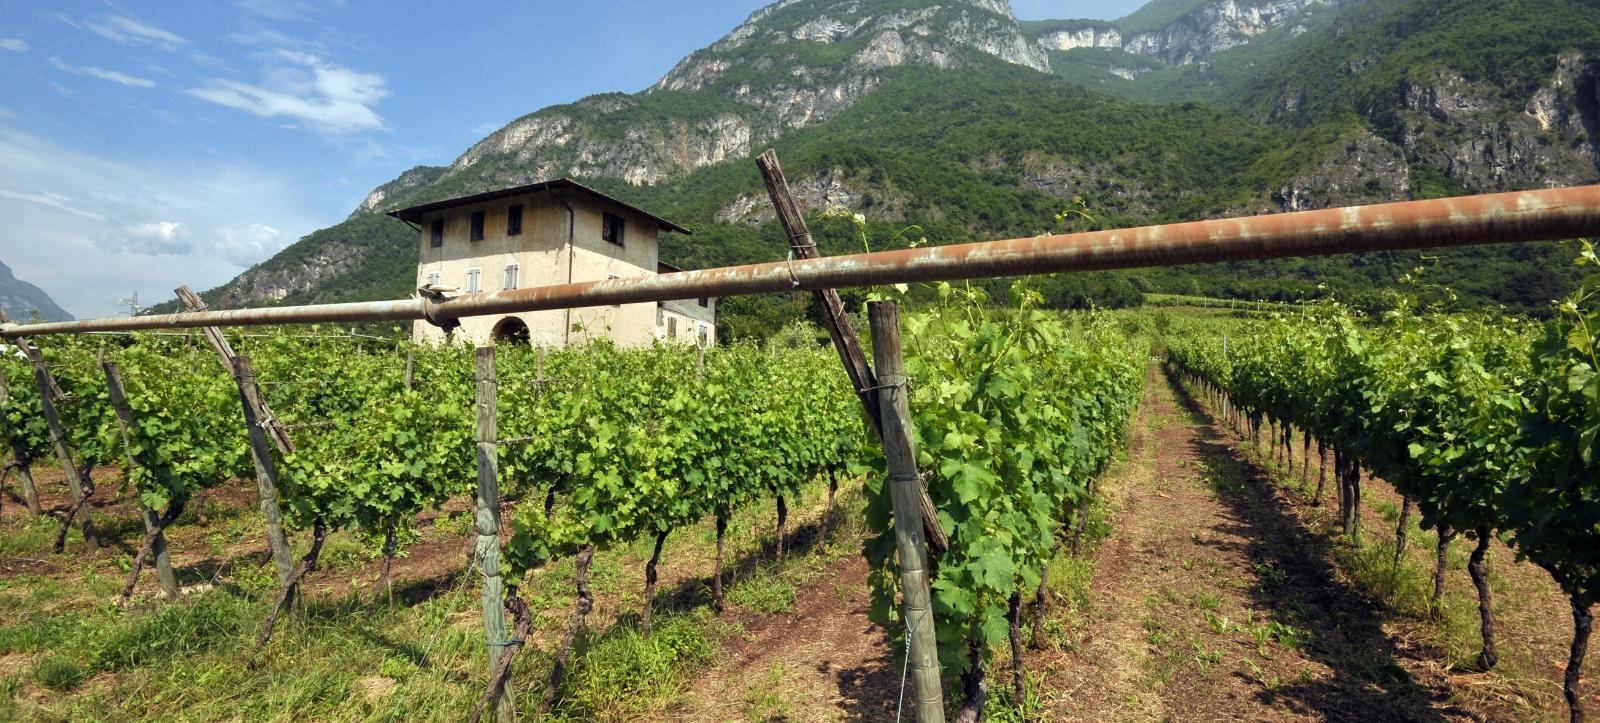 vineyard_trentino_3